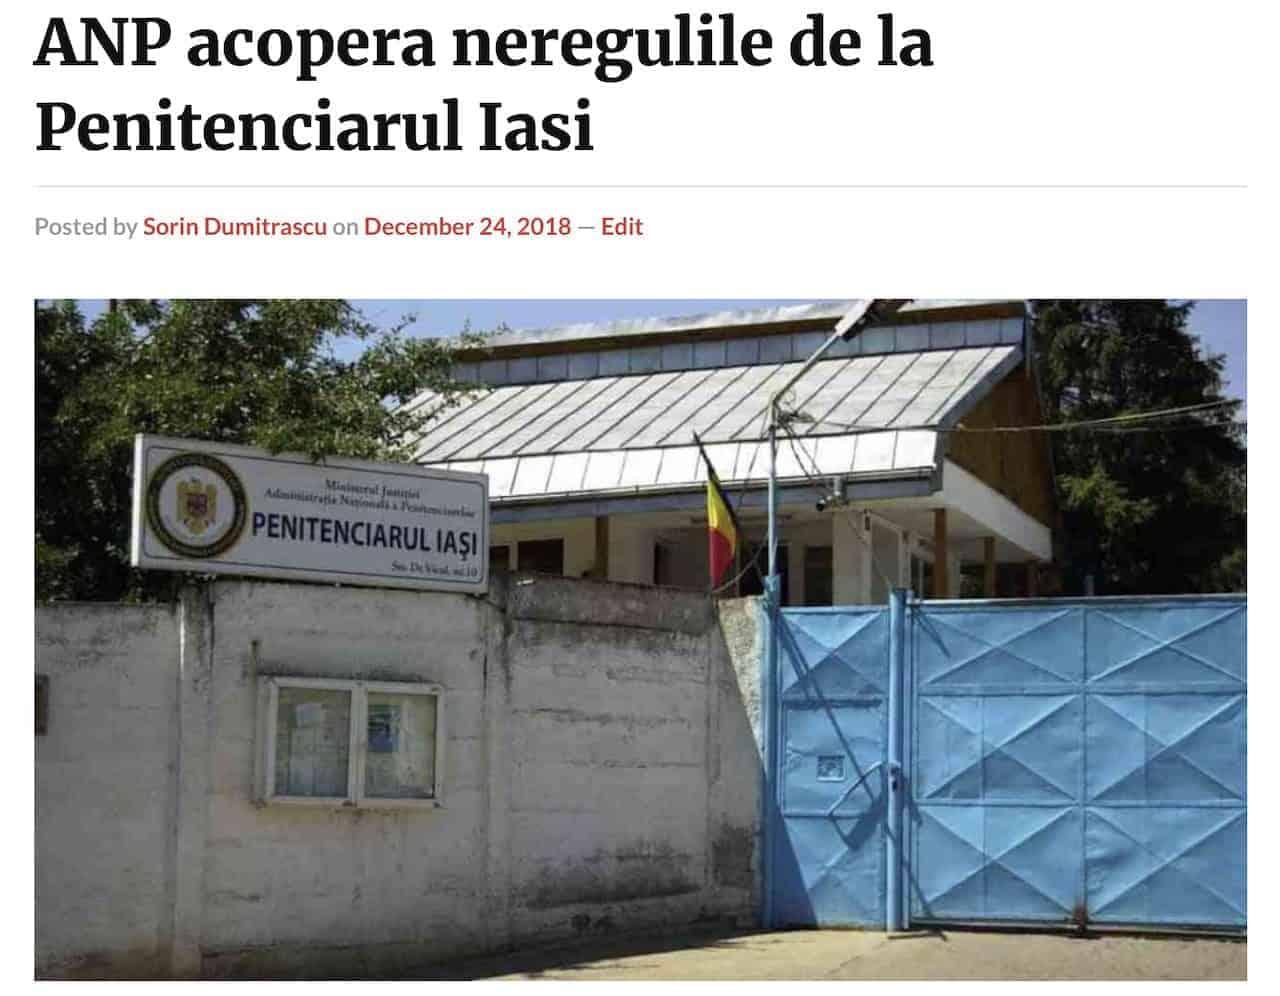 ANP acopera neregulile de la Penitenciarul Iasi